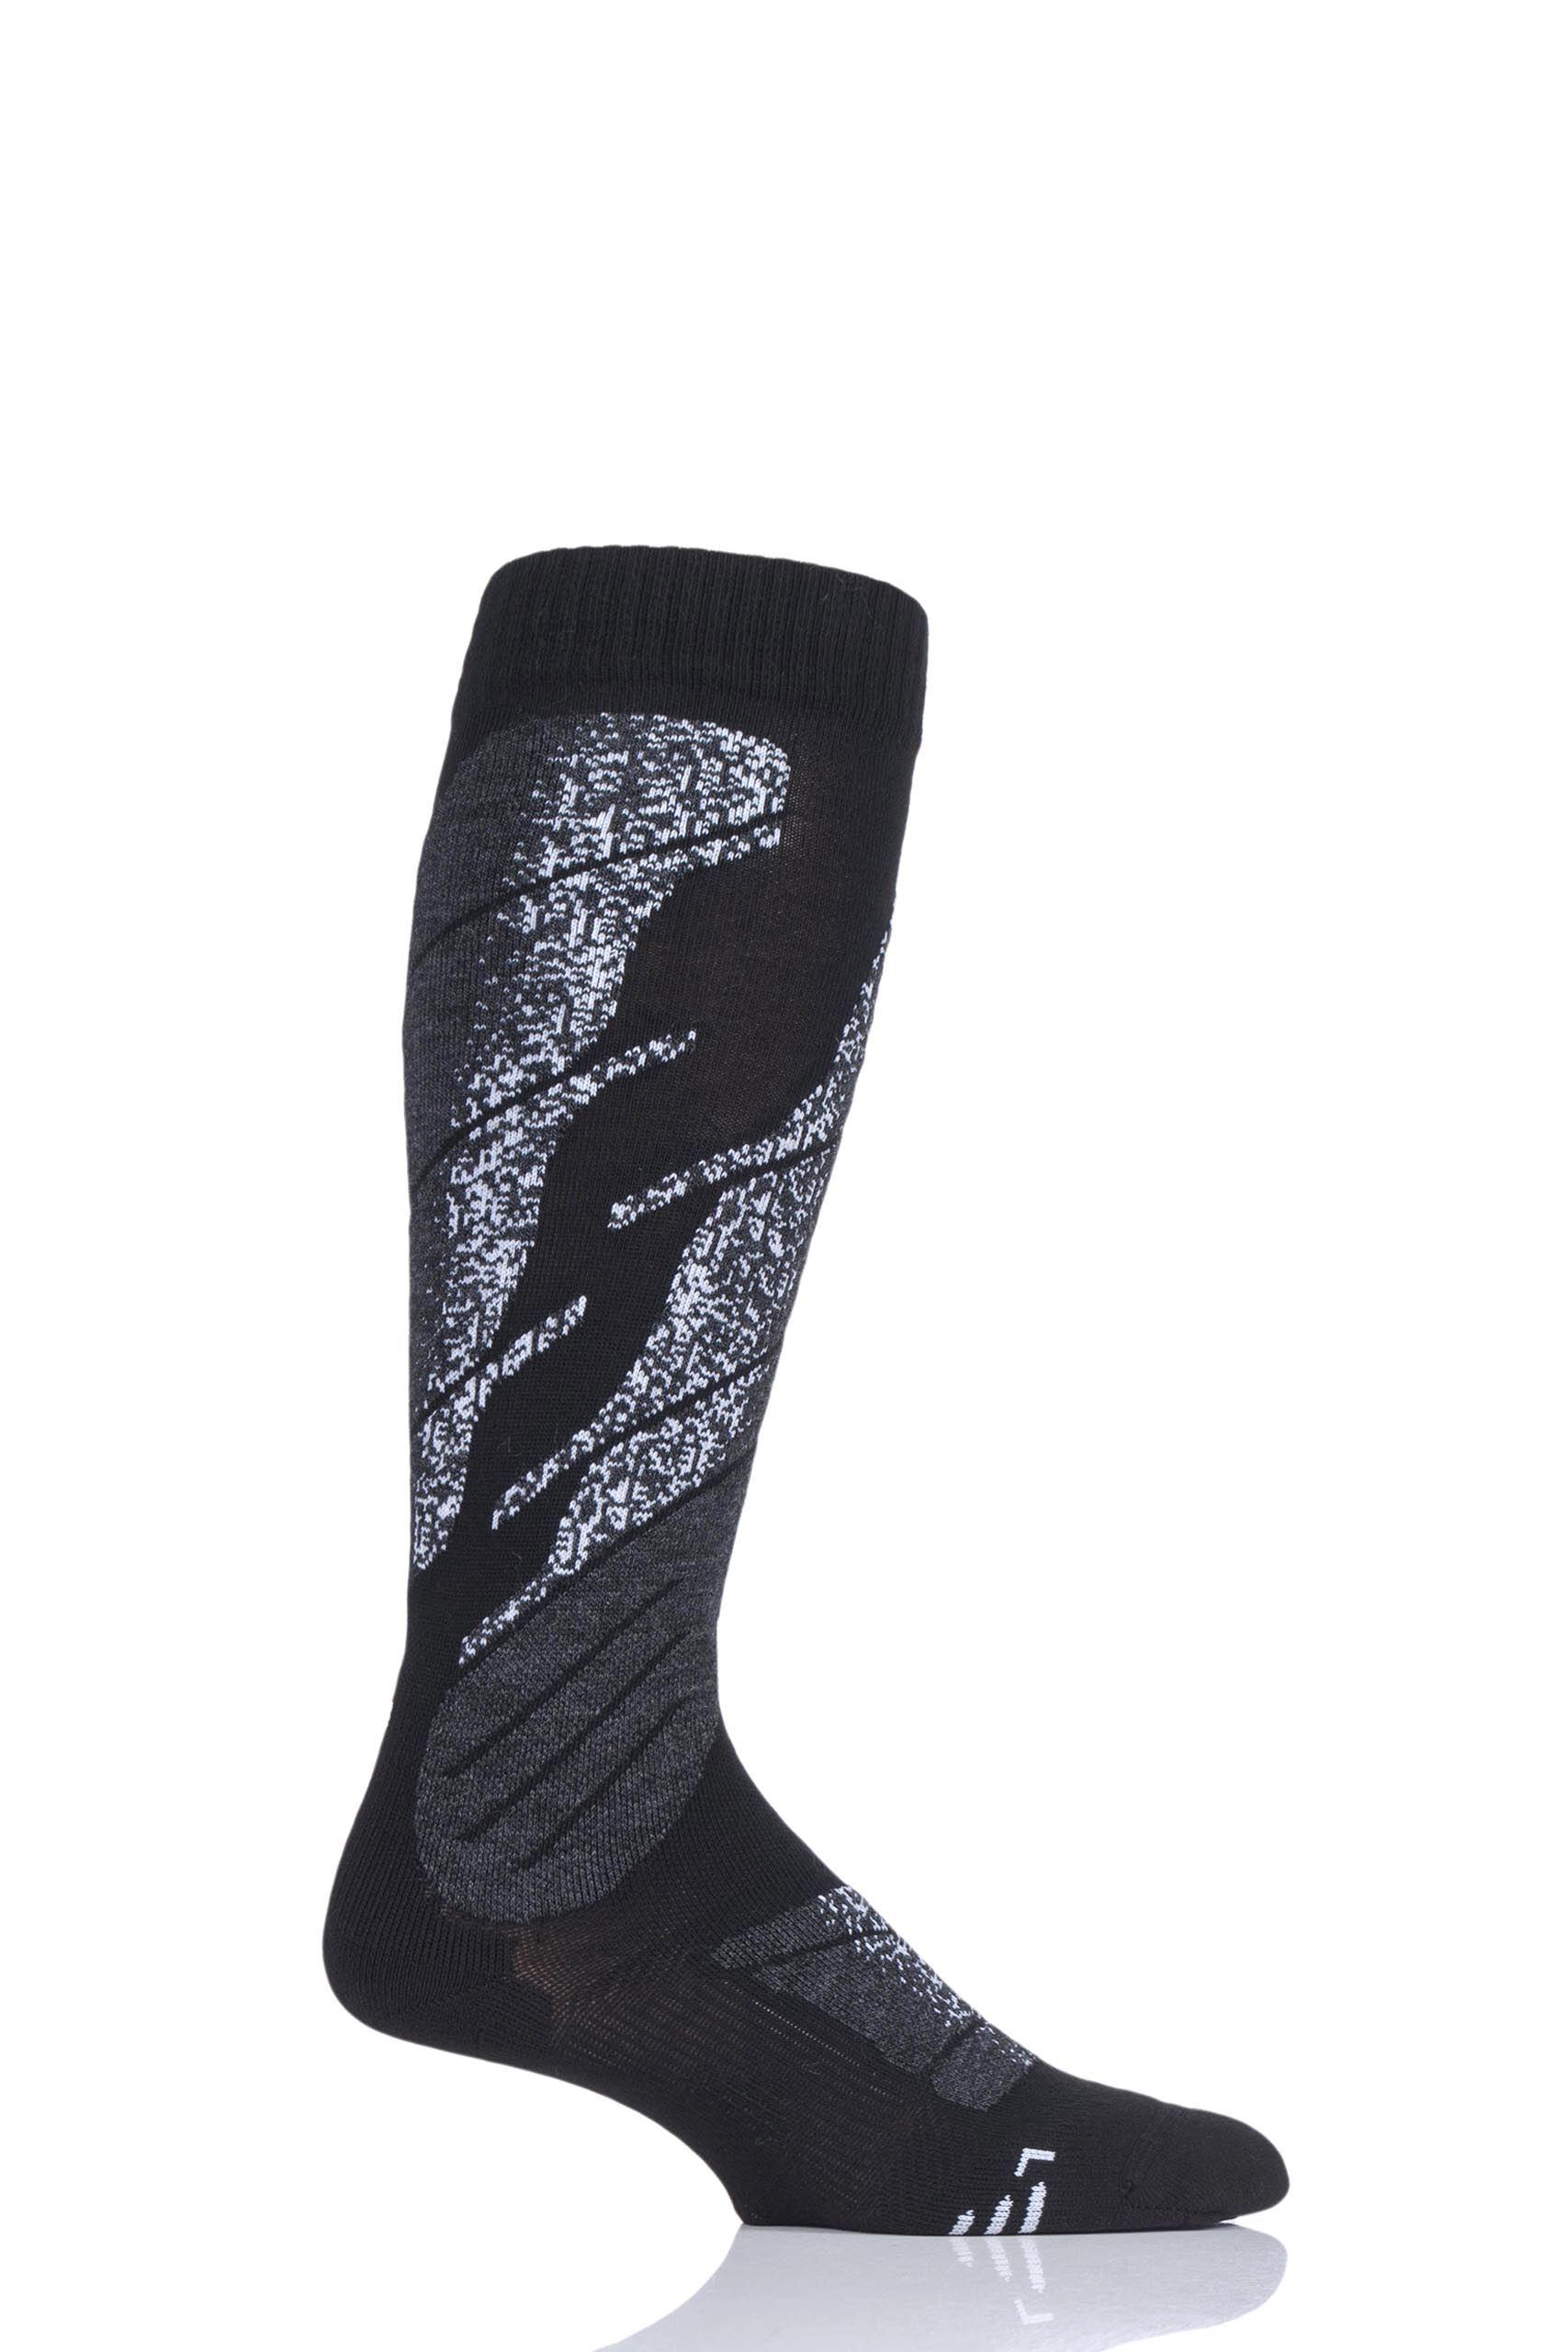 Image of 1 Pair Black All Mountain Ski Socks Men's 10-12 Mens - UYN